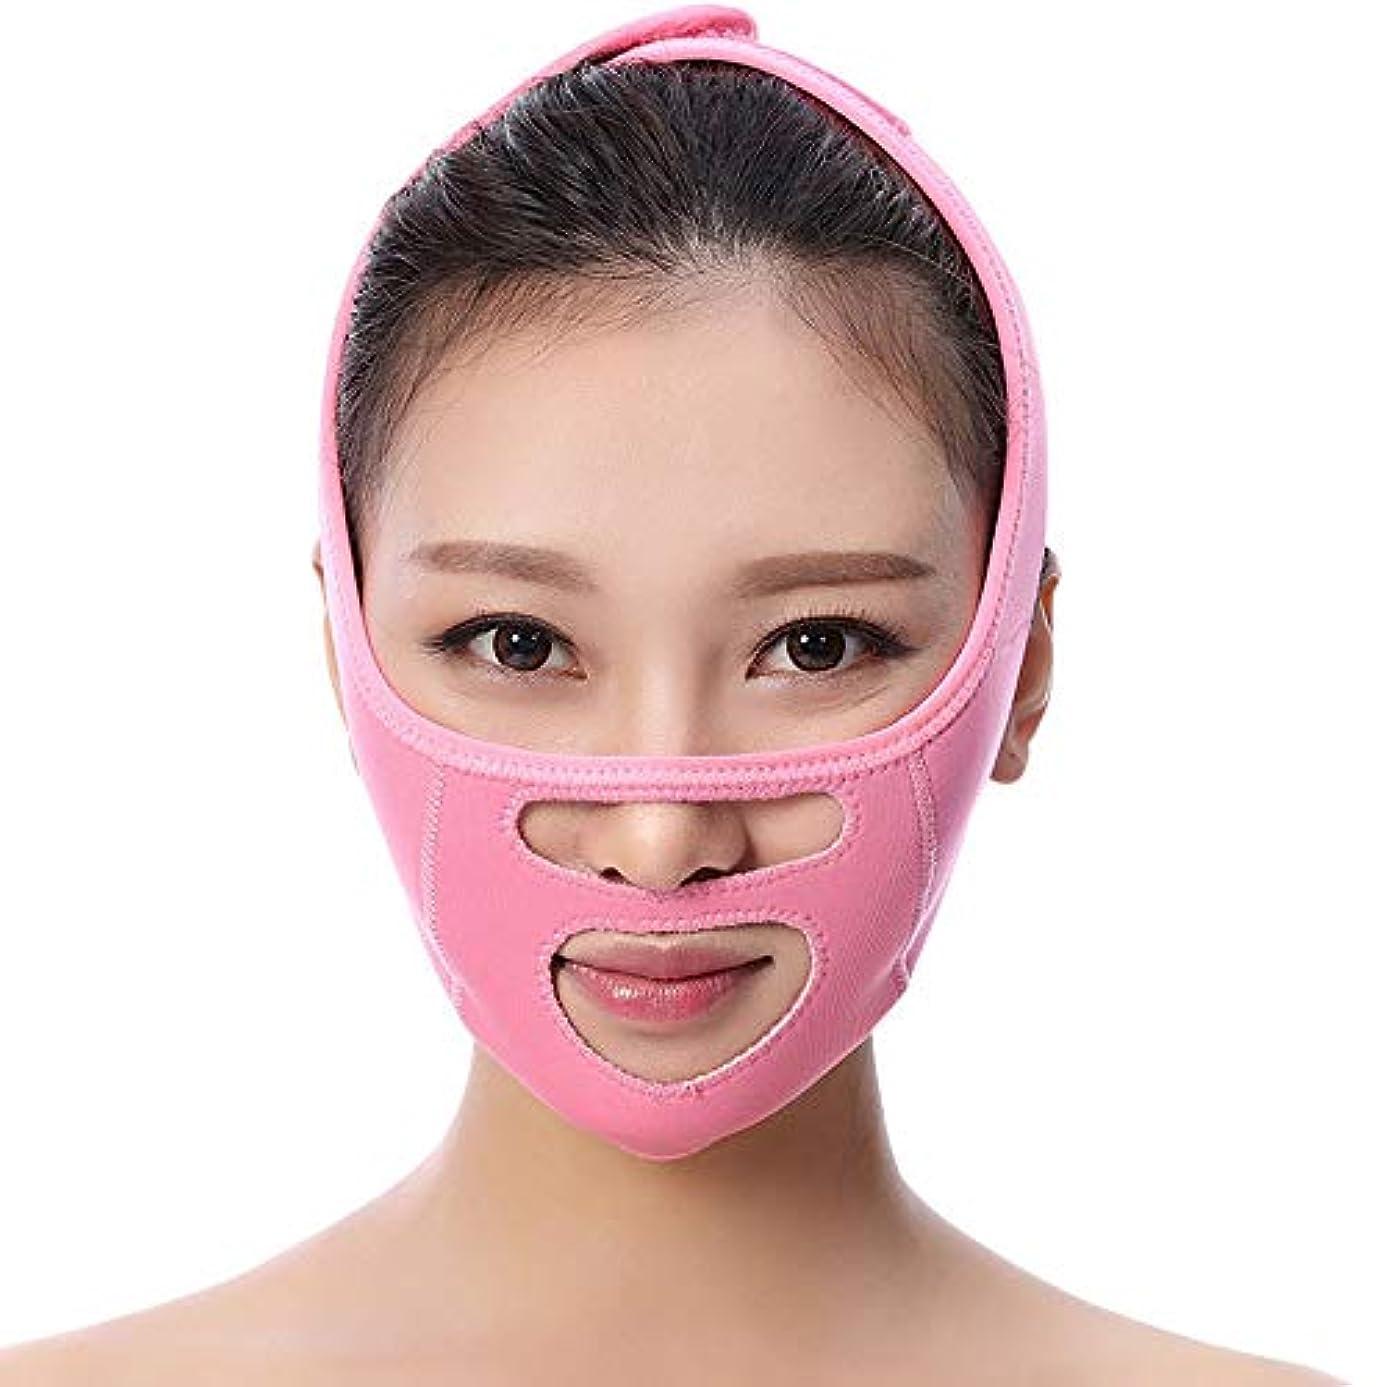 ポンド検出可能アラートフェイスリフトマスク、薄型フェイスベルトを眠らせる/フェイスフェイスリフトアーチファクト(ブルー/ピンク)を令状にするために美容フェイスリフト包帯を強化,Pink